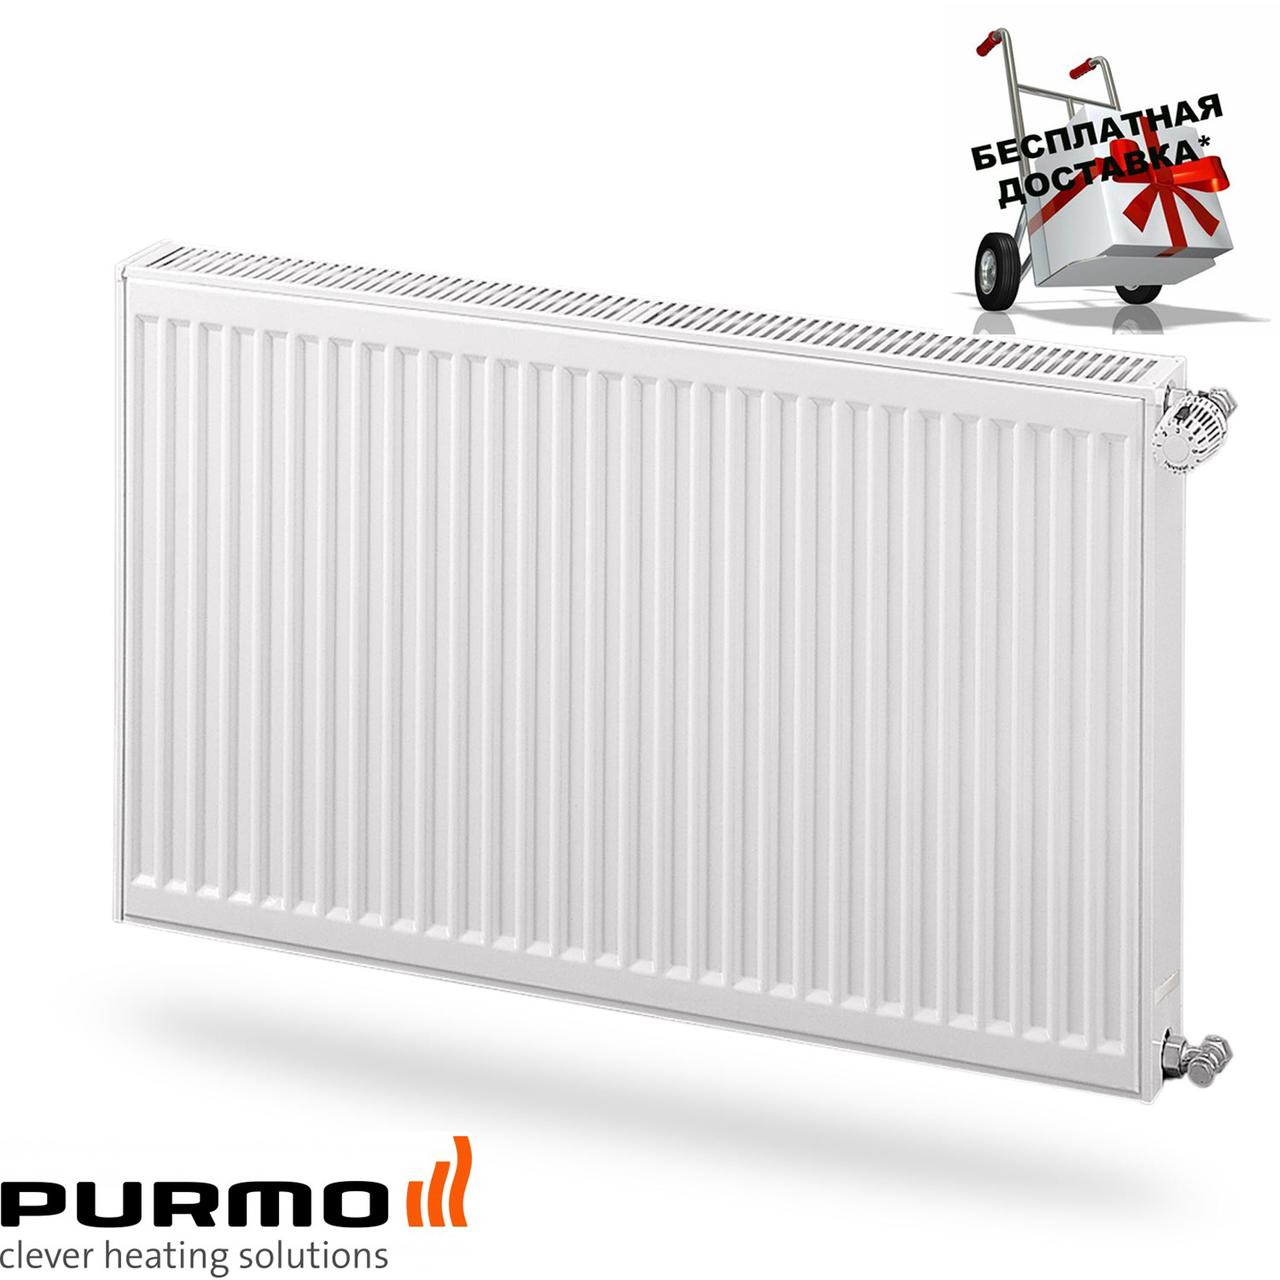 Стальной (панельный) радиатор PURMO Compact т22 500x1200 боковое подключение